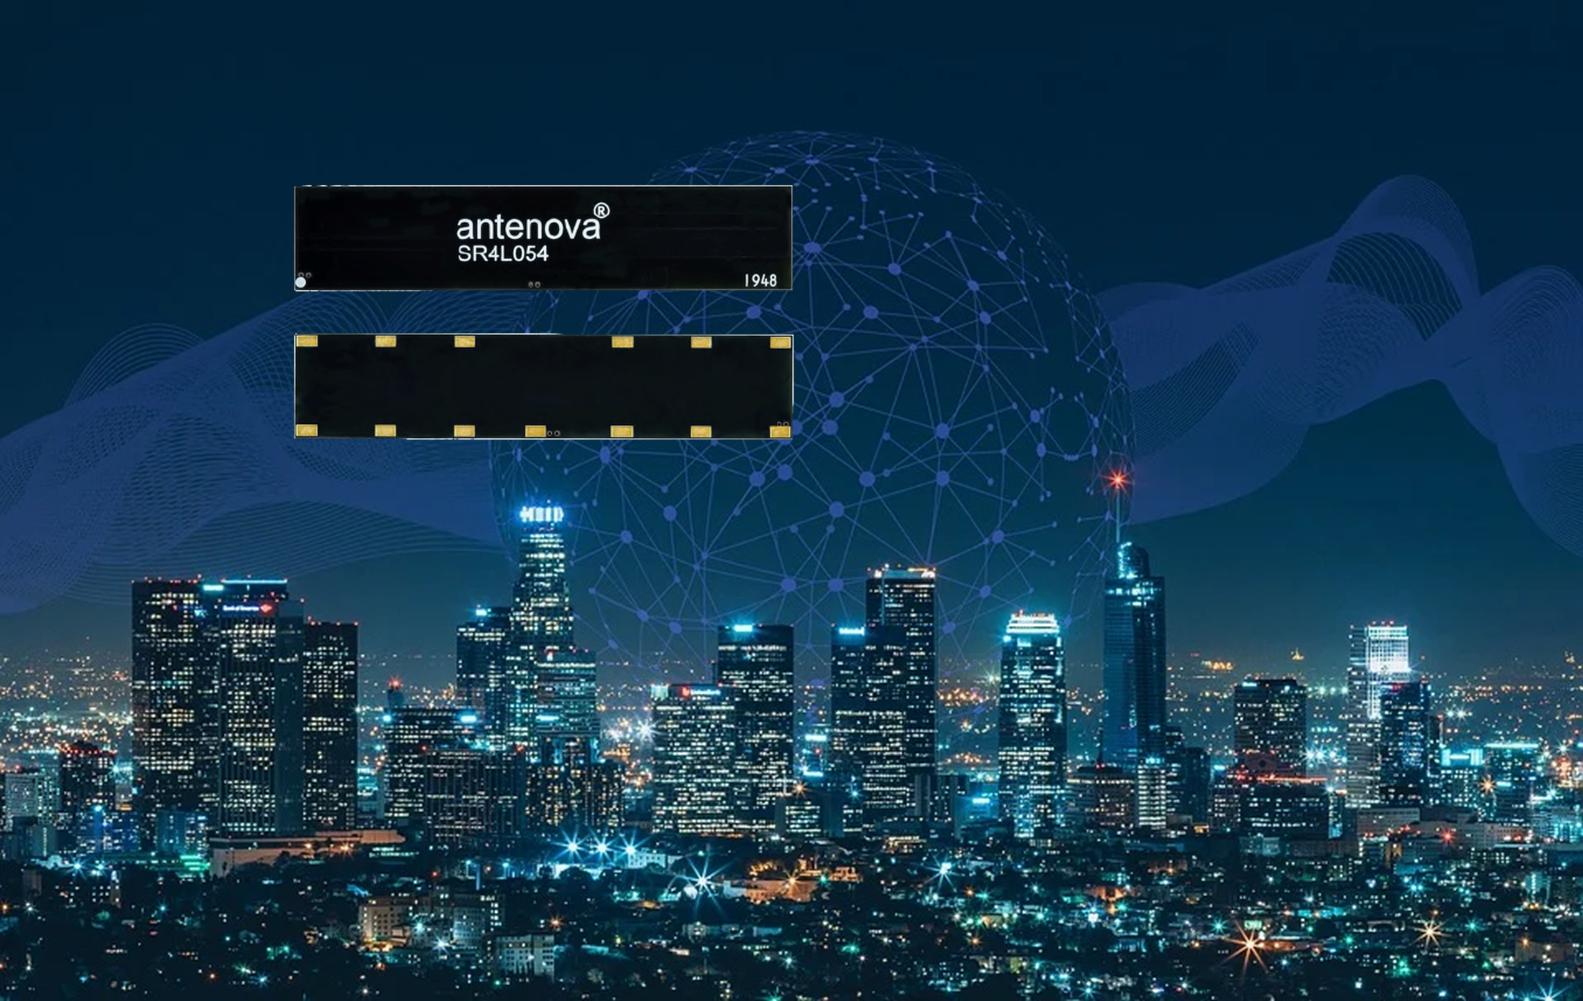 Die richtige Antenne für Ihre 5G-Applikation